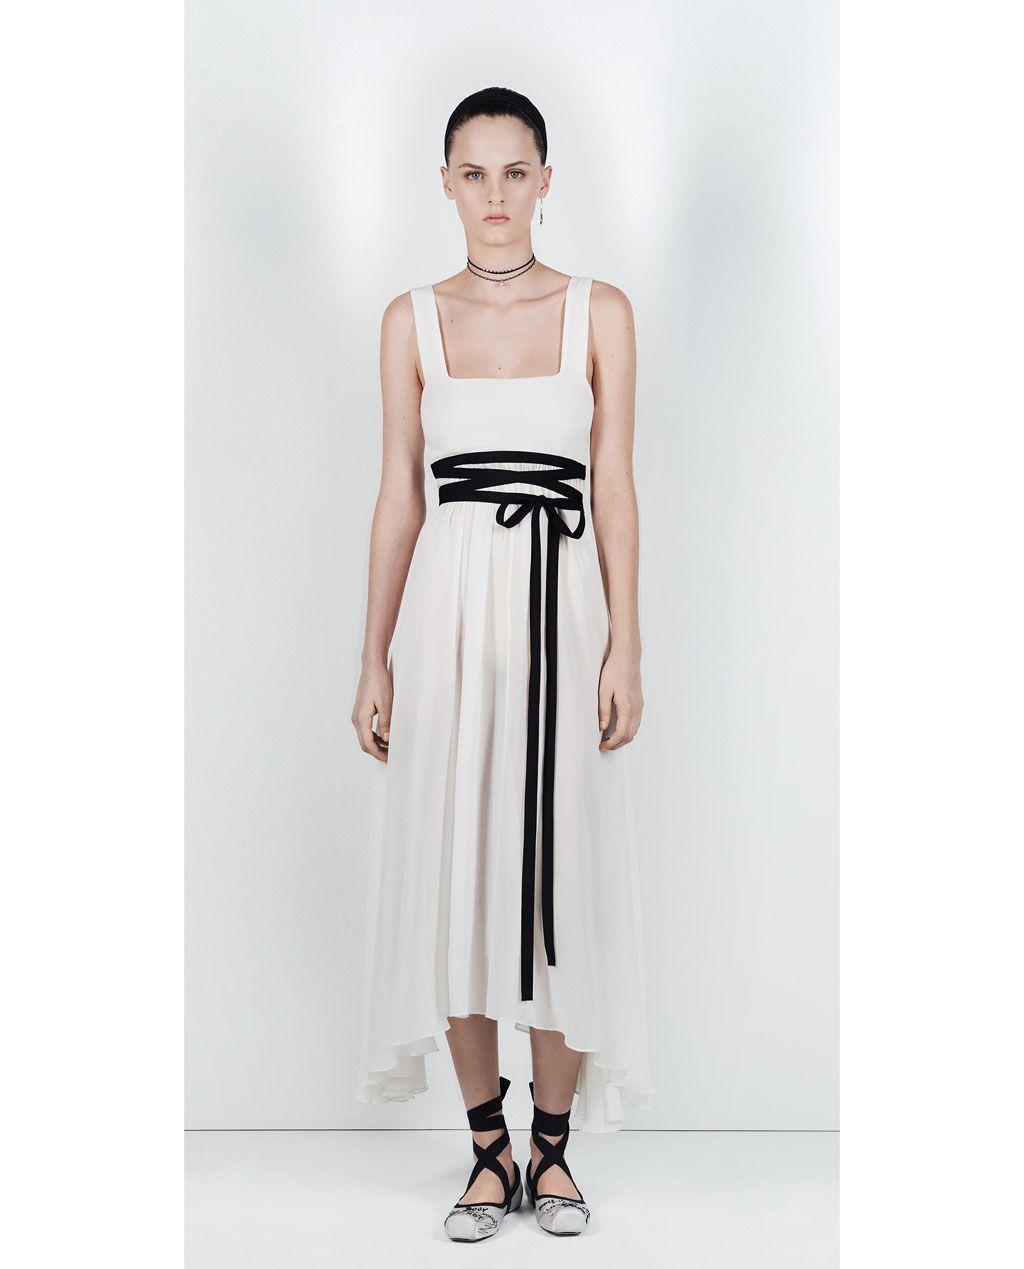 ZARA - WOMAN - STUDIO DRESS WITH SQUARE-CUT NECKLINE